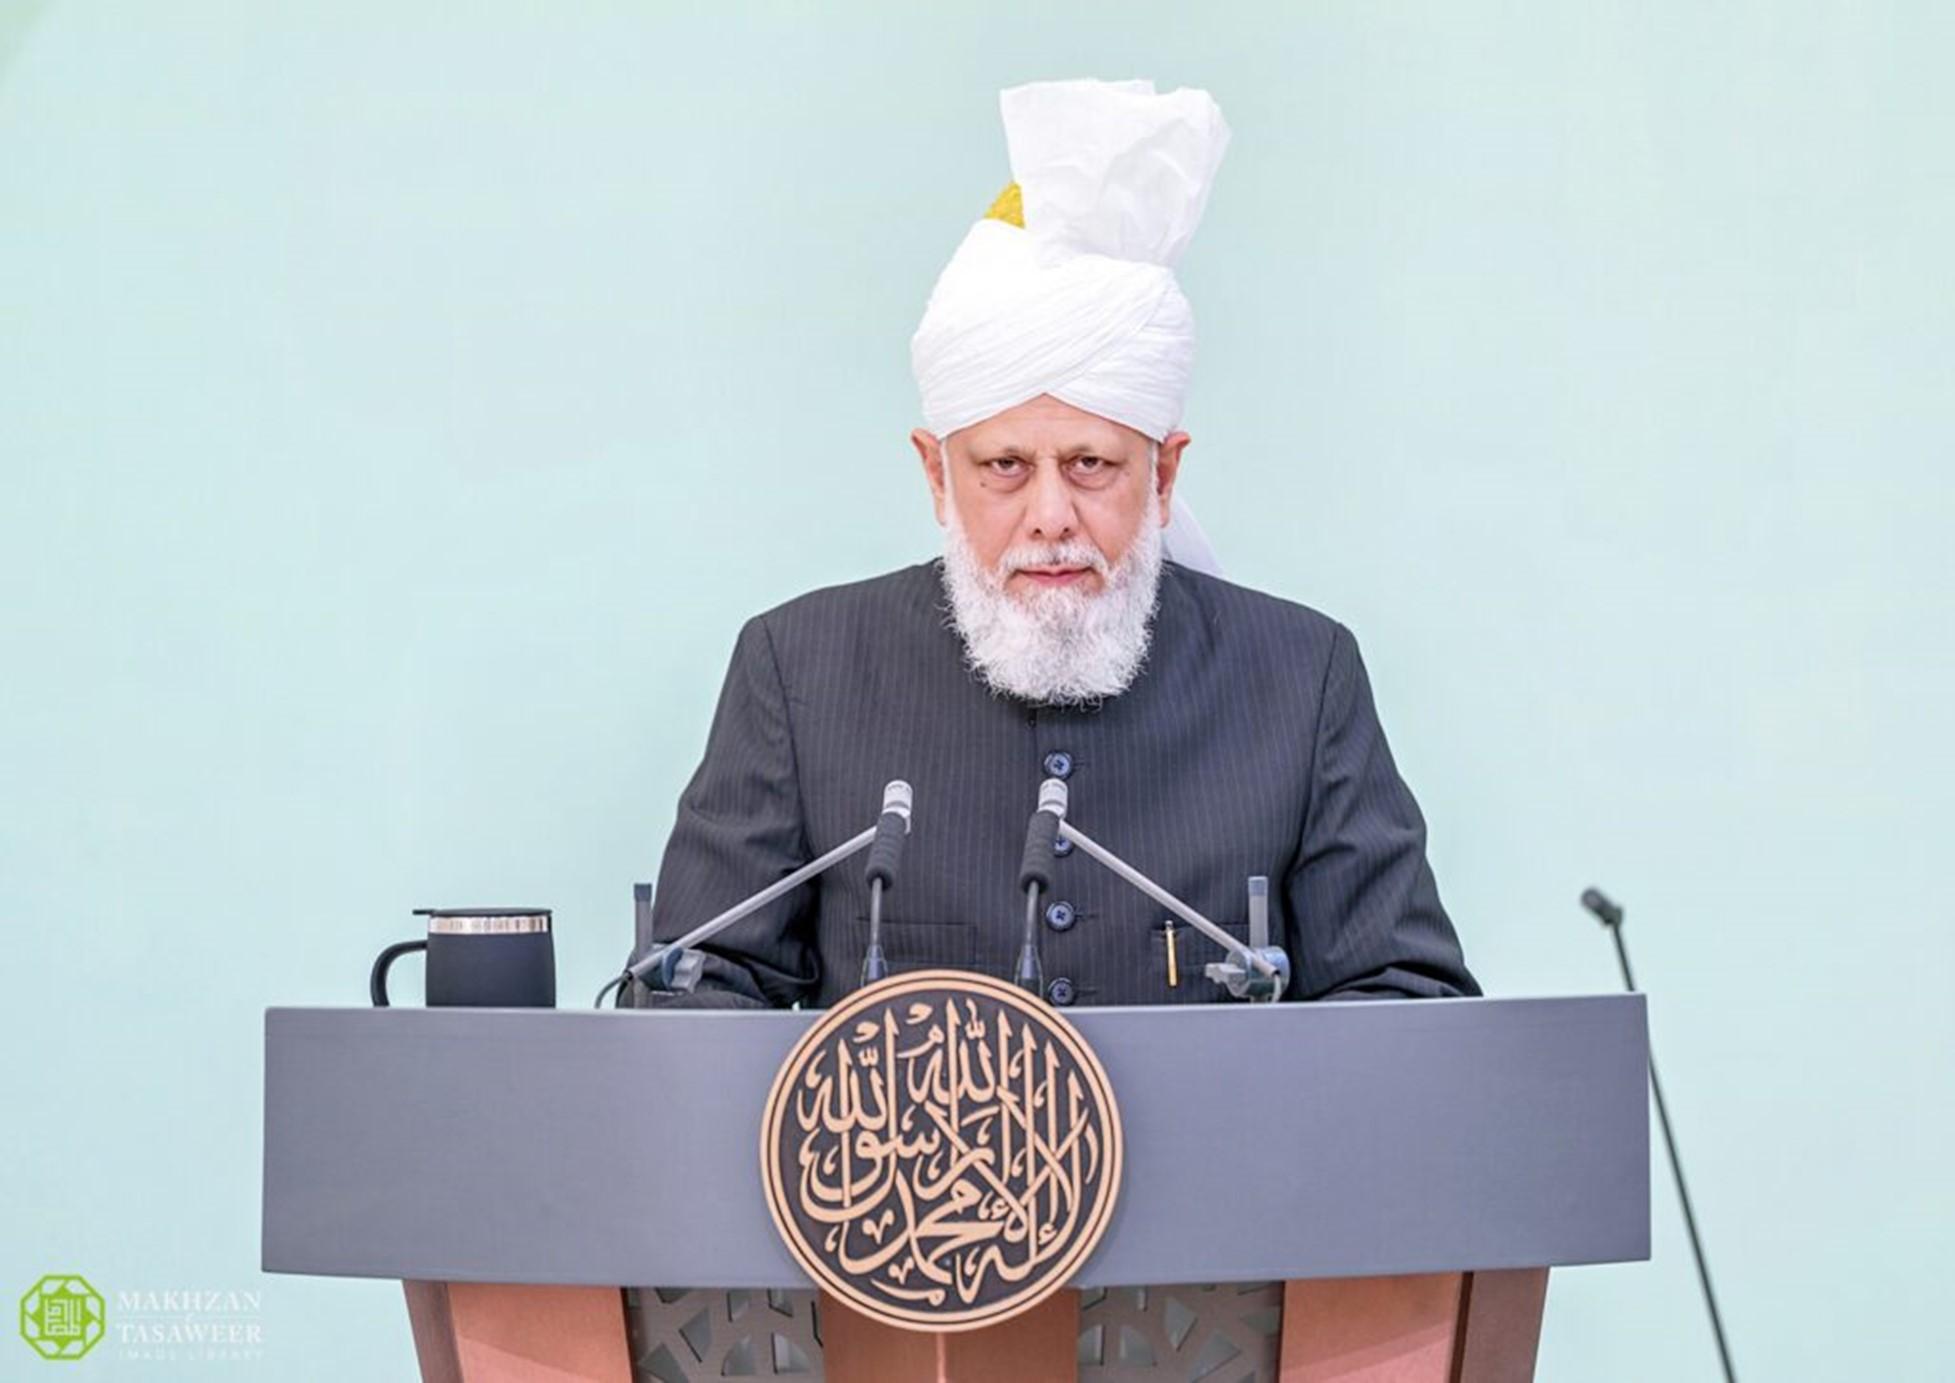 بيان إمام الجماعة الإسلامية الأحمدية العالمية حول التطورات الأخيرة في فرنسا